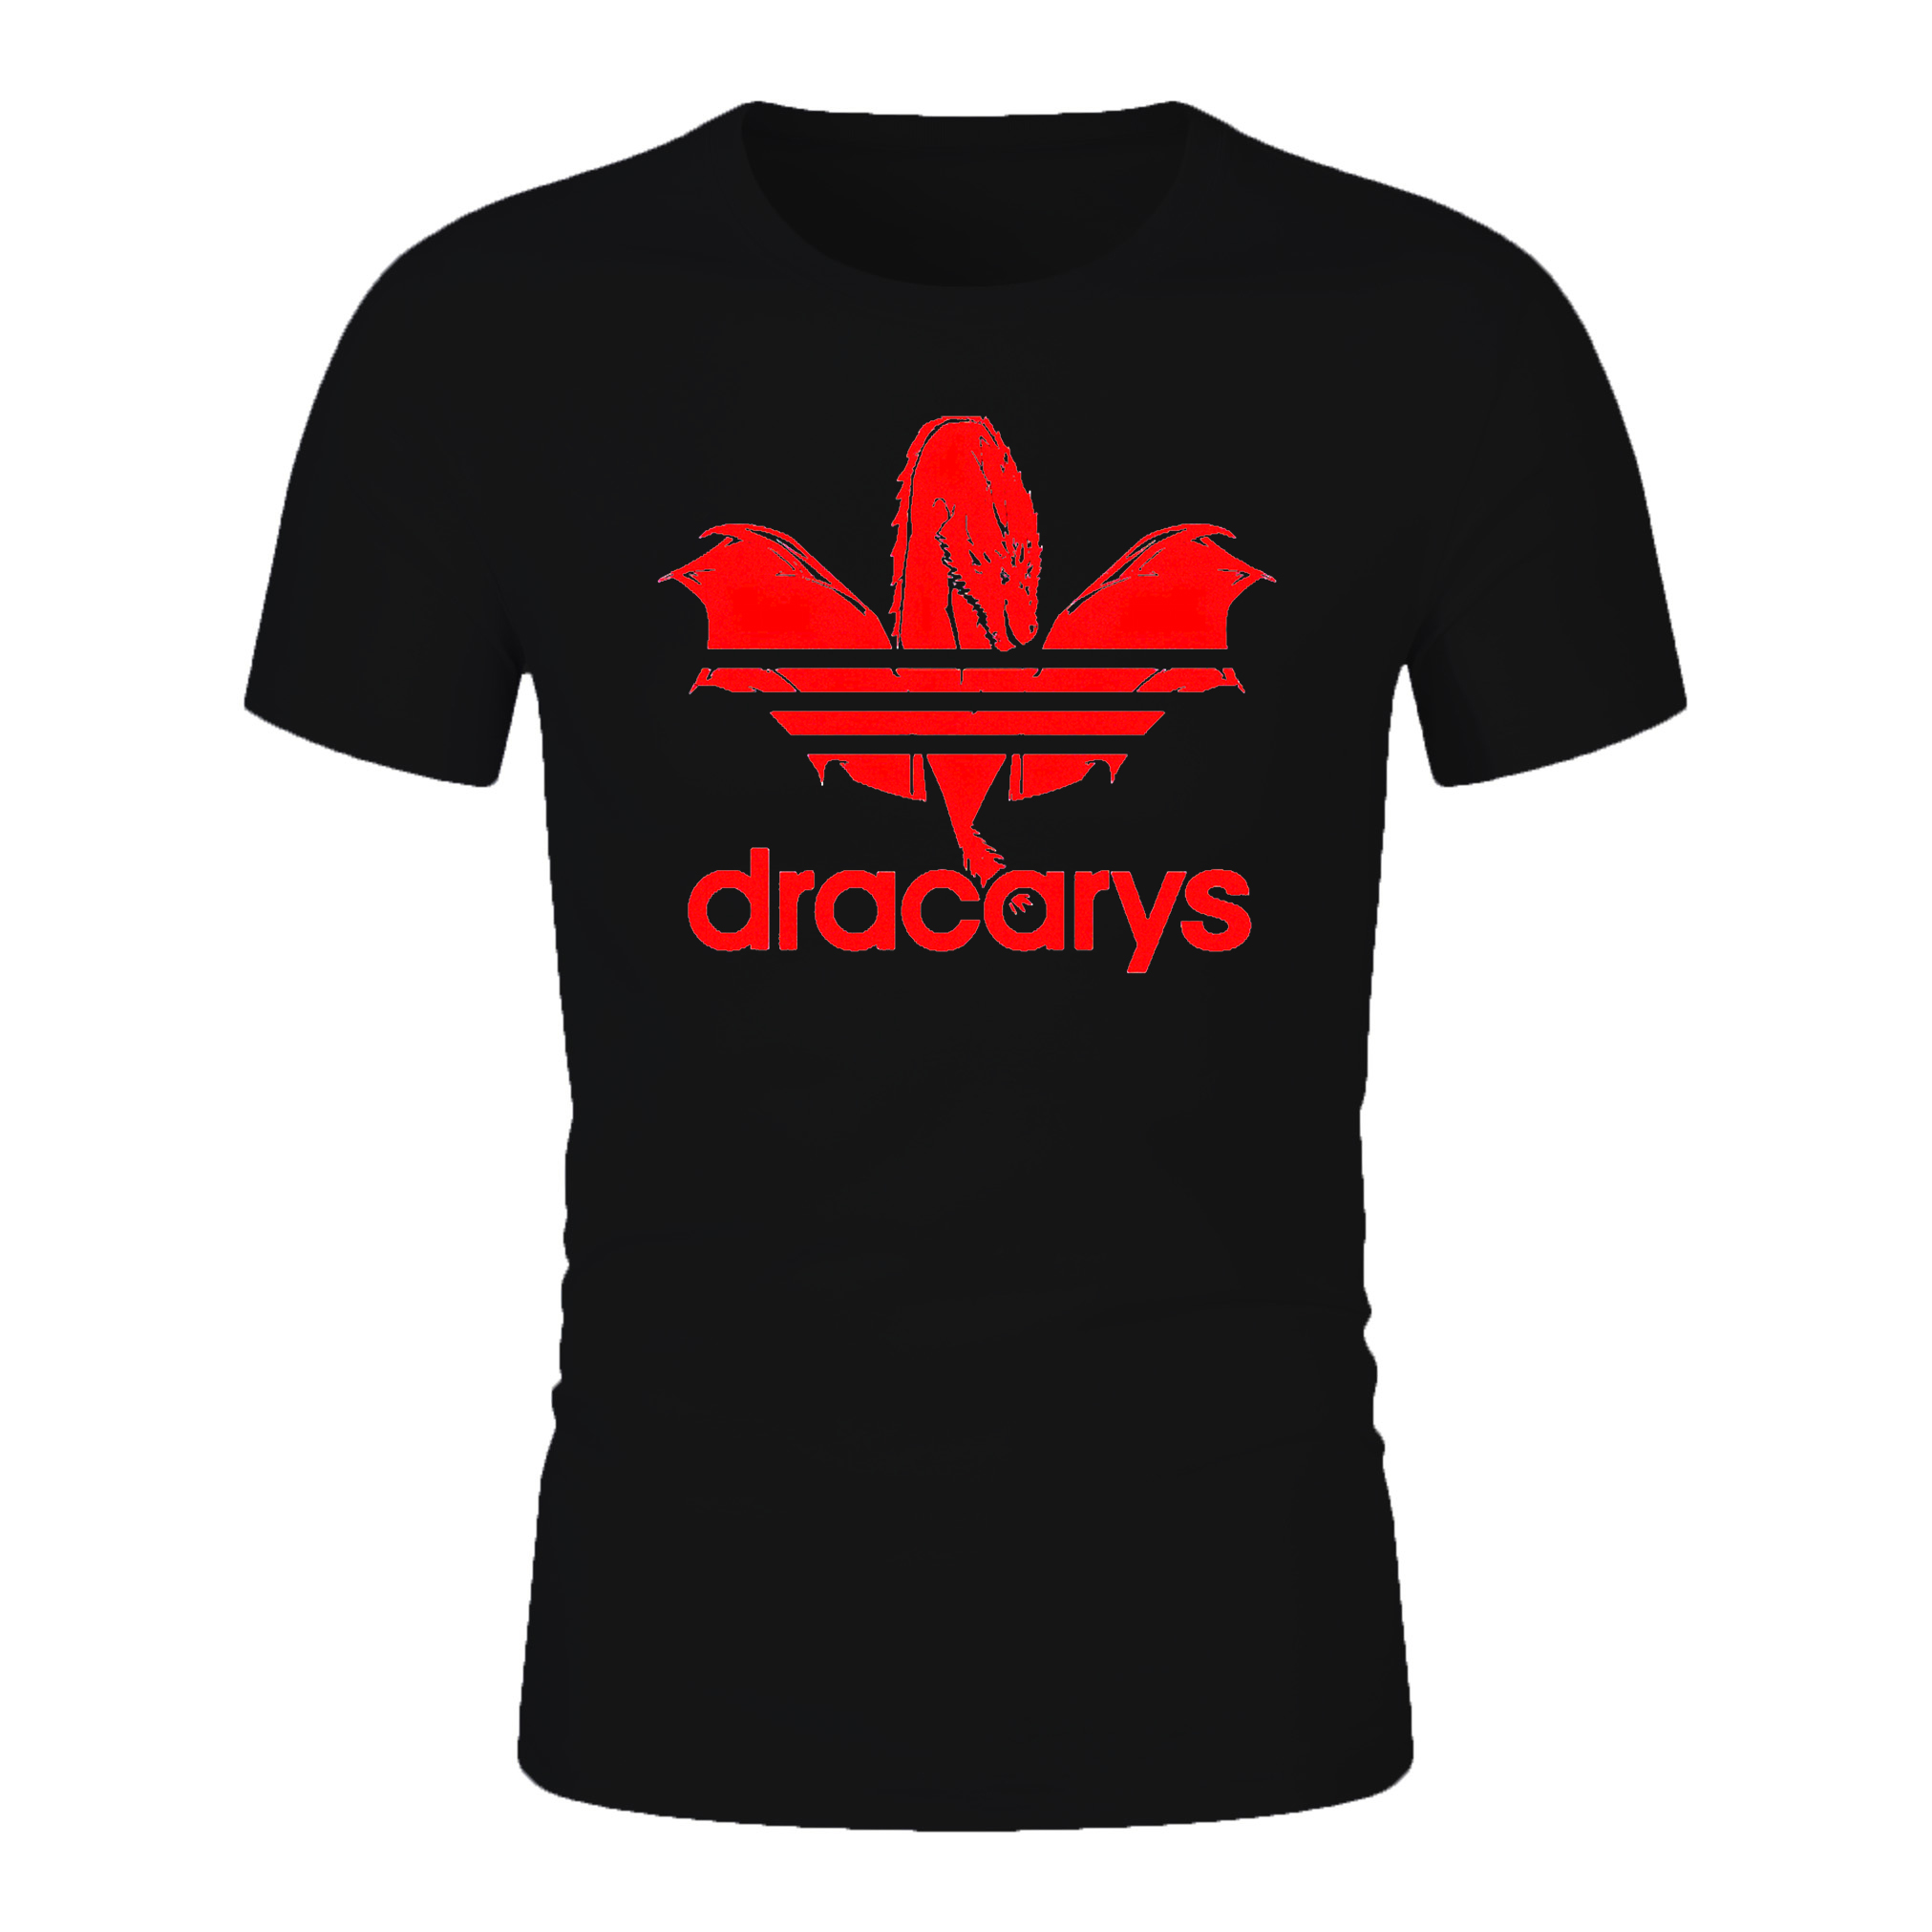 Dracarys tshirt GOT Brand shirt Game Of Thrones t harajuku Vintage T Camiseta hombre Tshirt Men Women